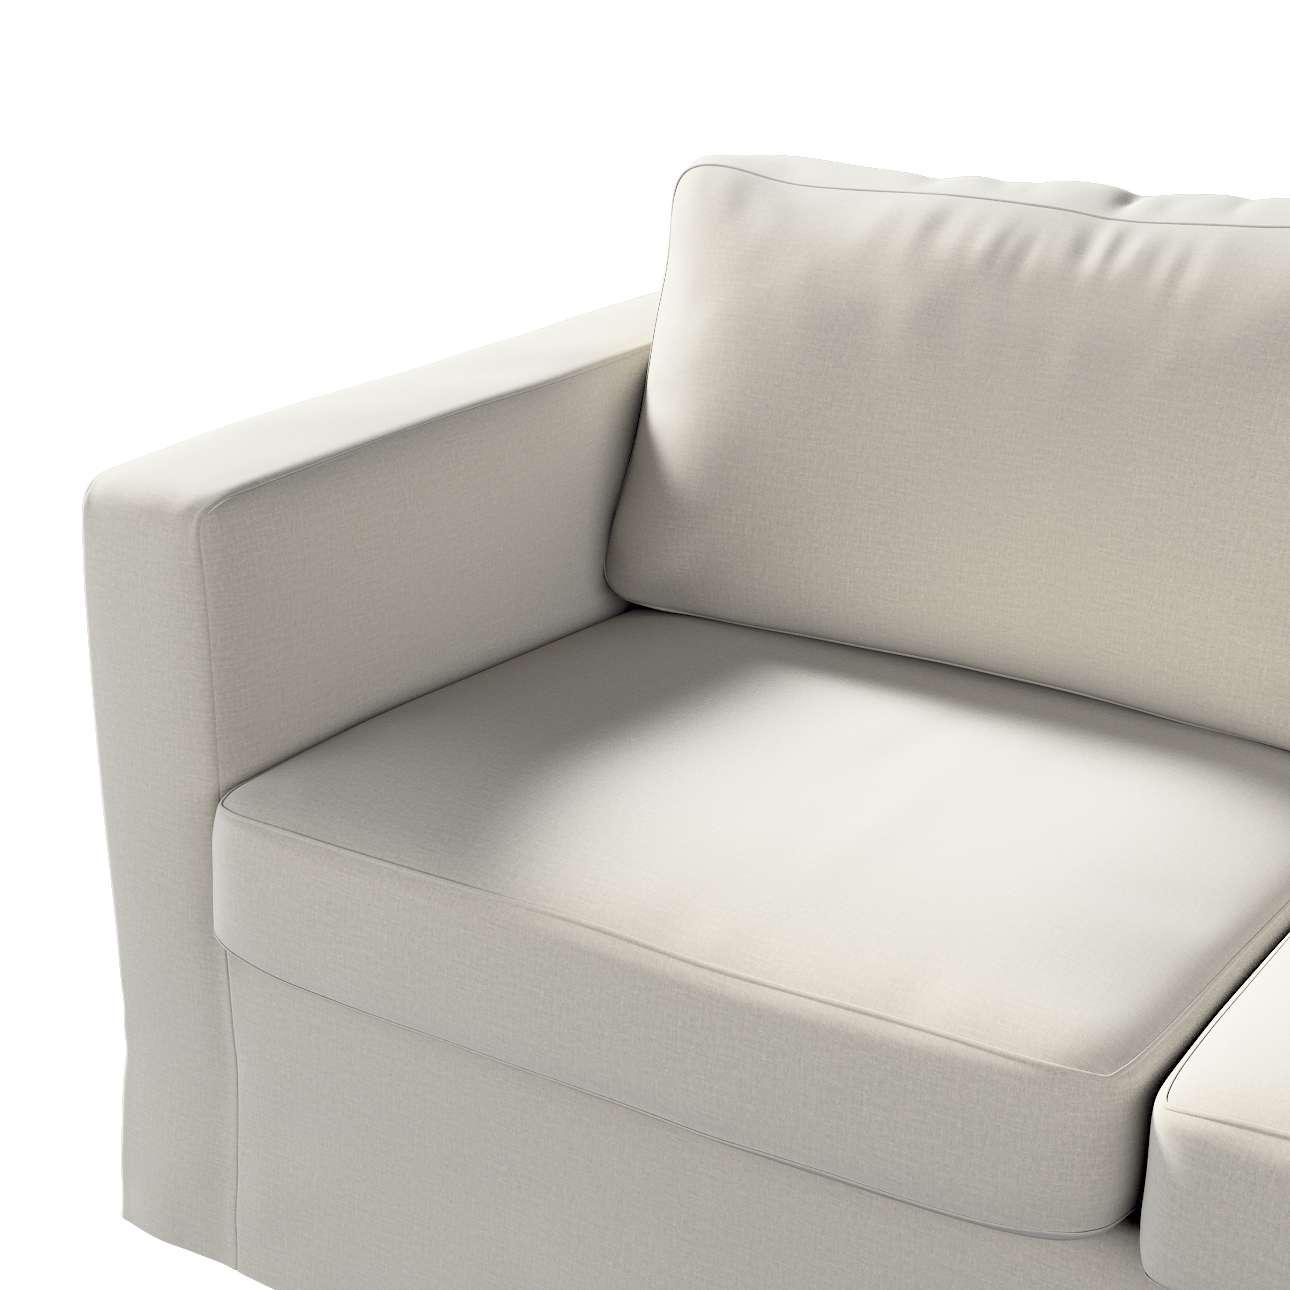 Karlstad klädsel 2-sits soffa -  lång i kollektionen Ingrid, Tyg: 705-40